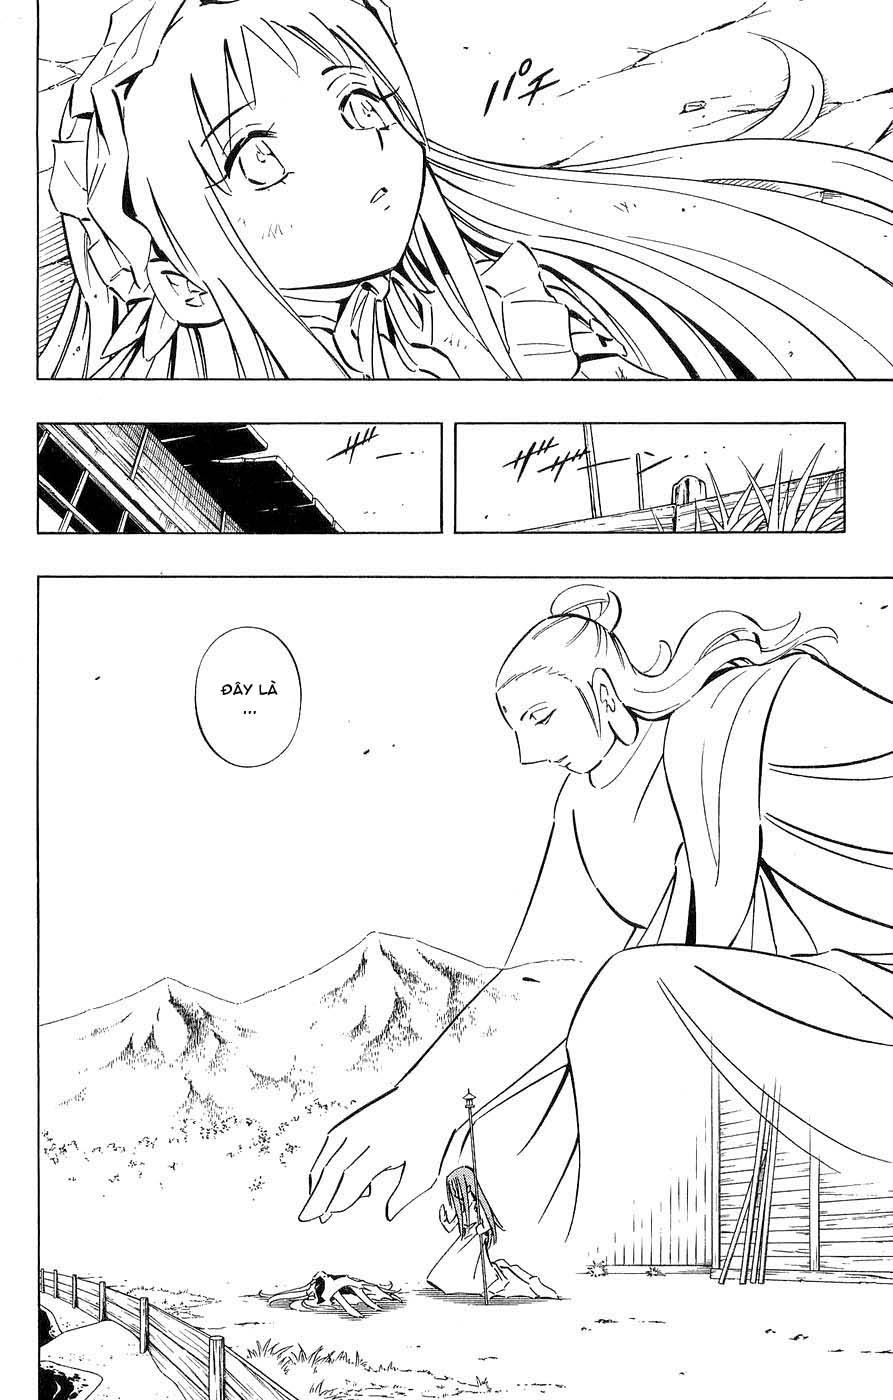 Vua Pháp Thuật-Shaman King chap 252 Trang 4 - Mangak.info